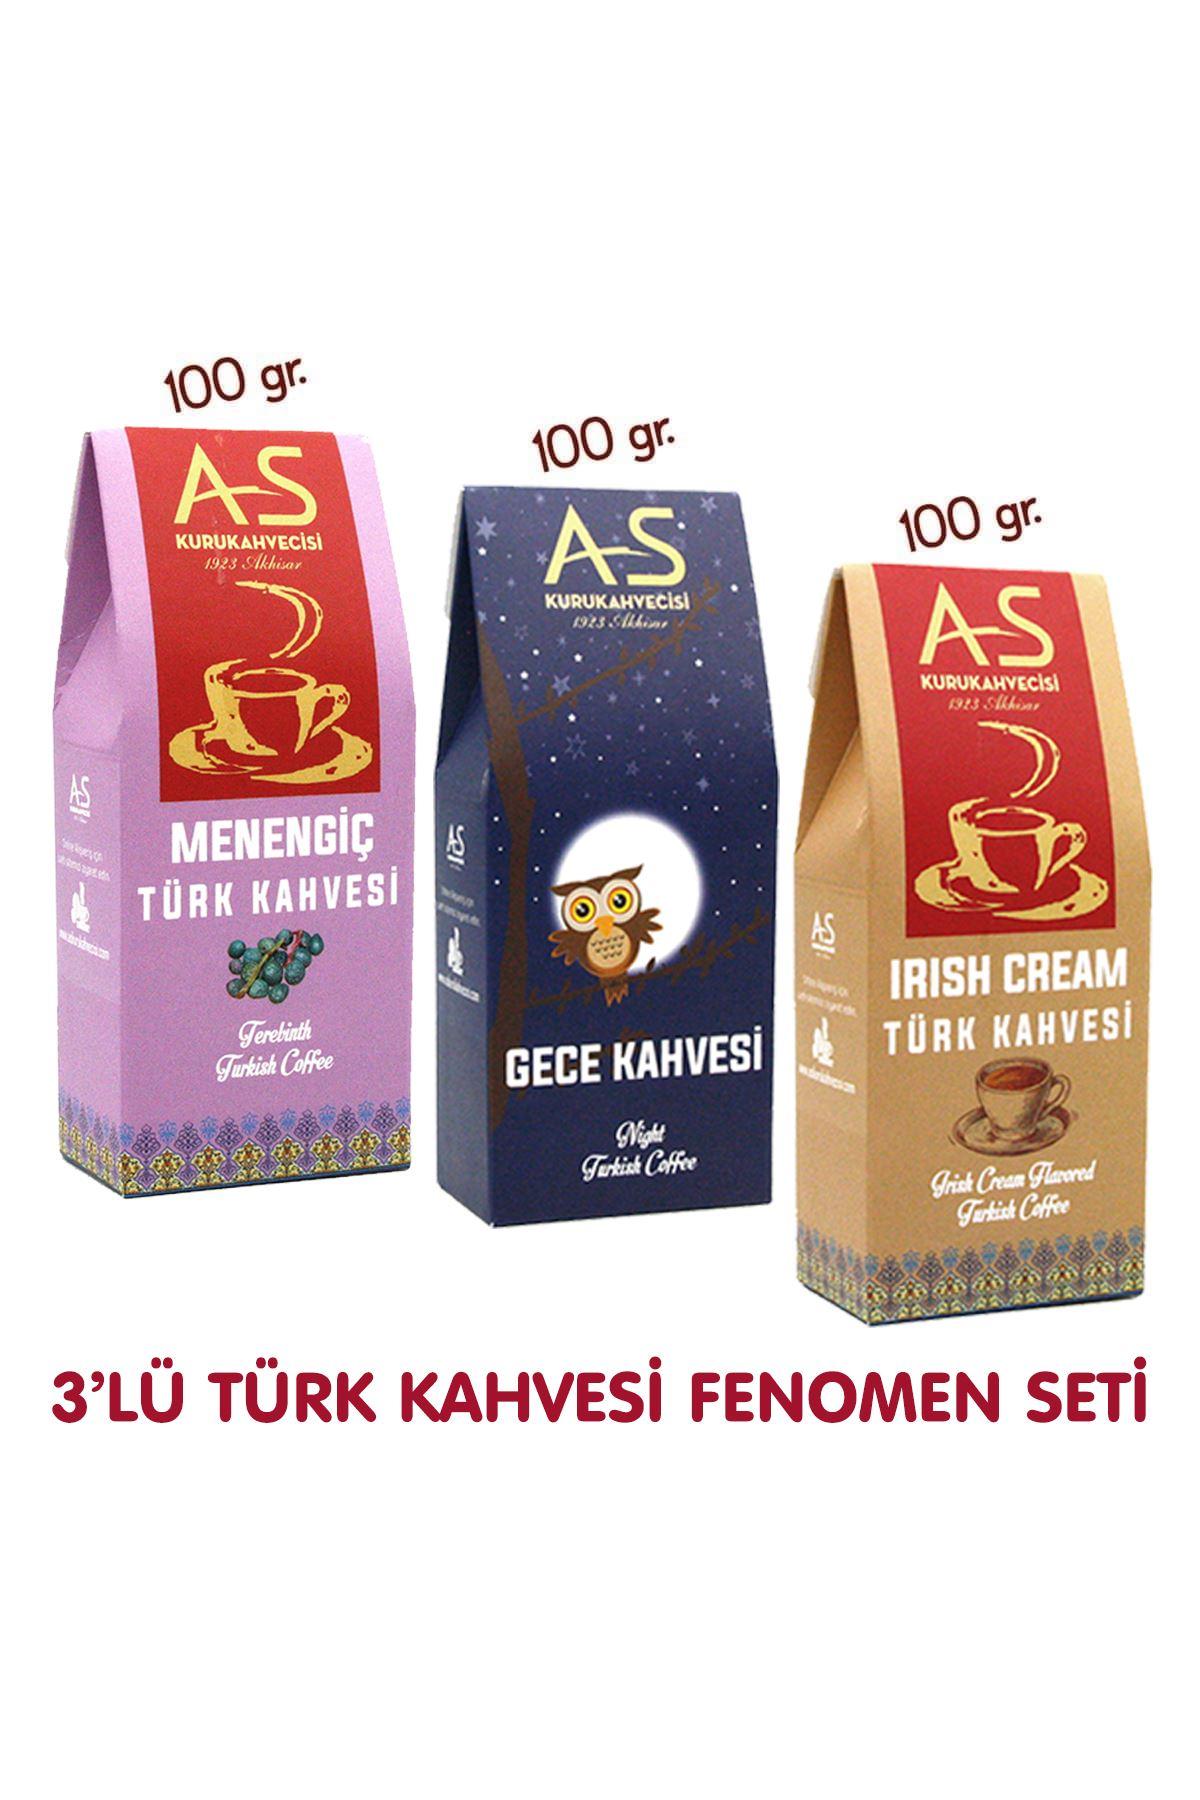 3'lü Türk Kahvesi Fenomen Seti (Menengiç,Gece,İrish)